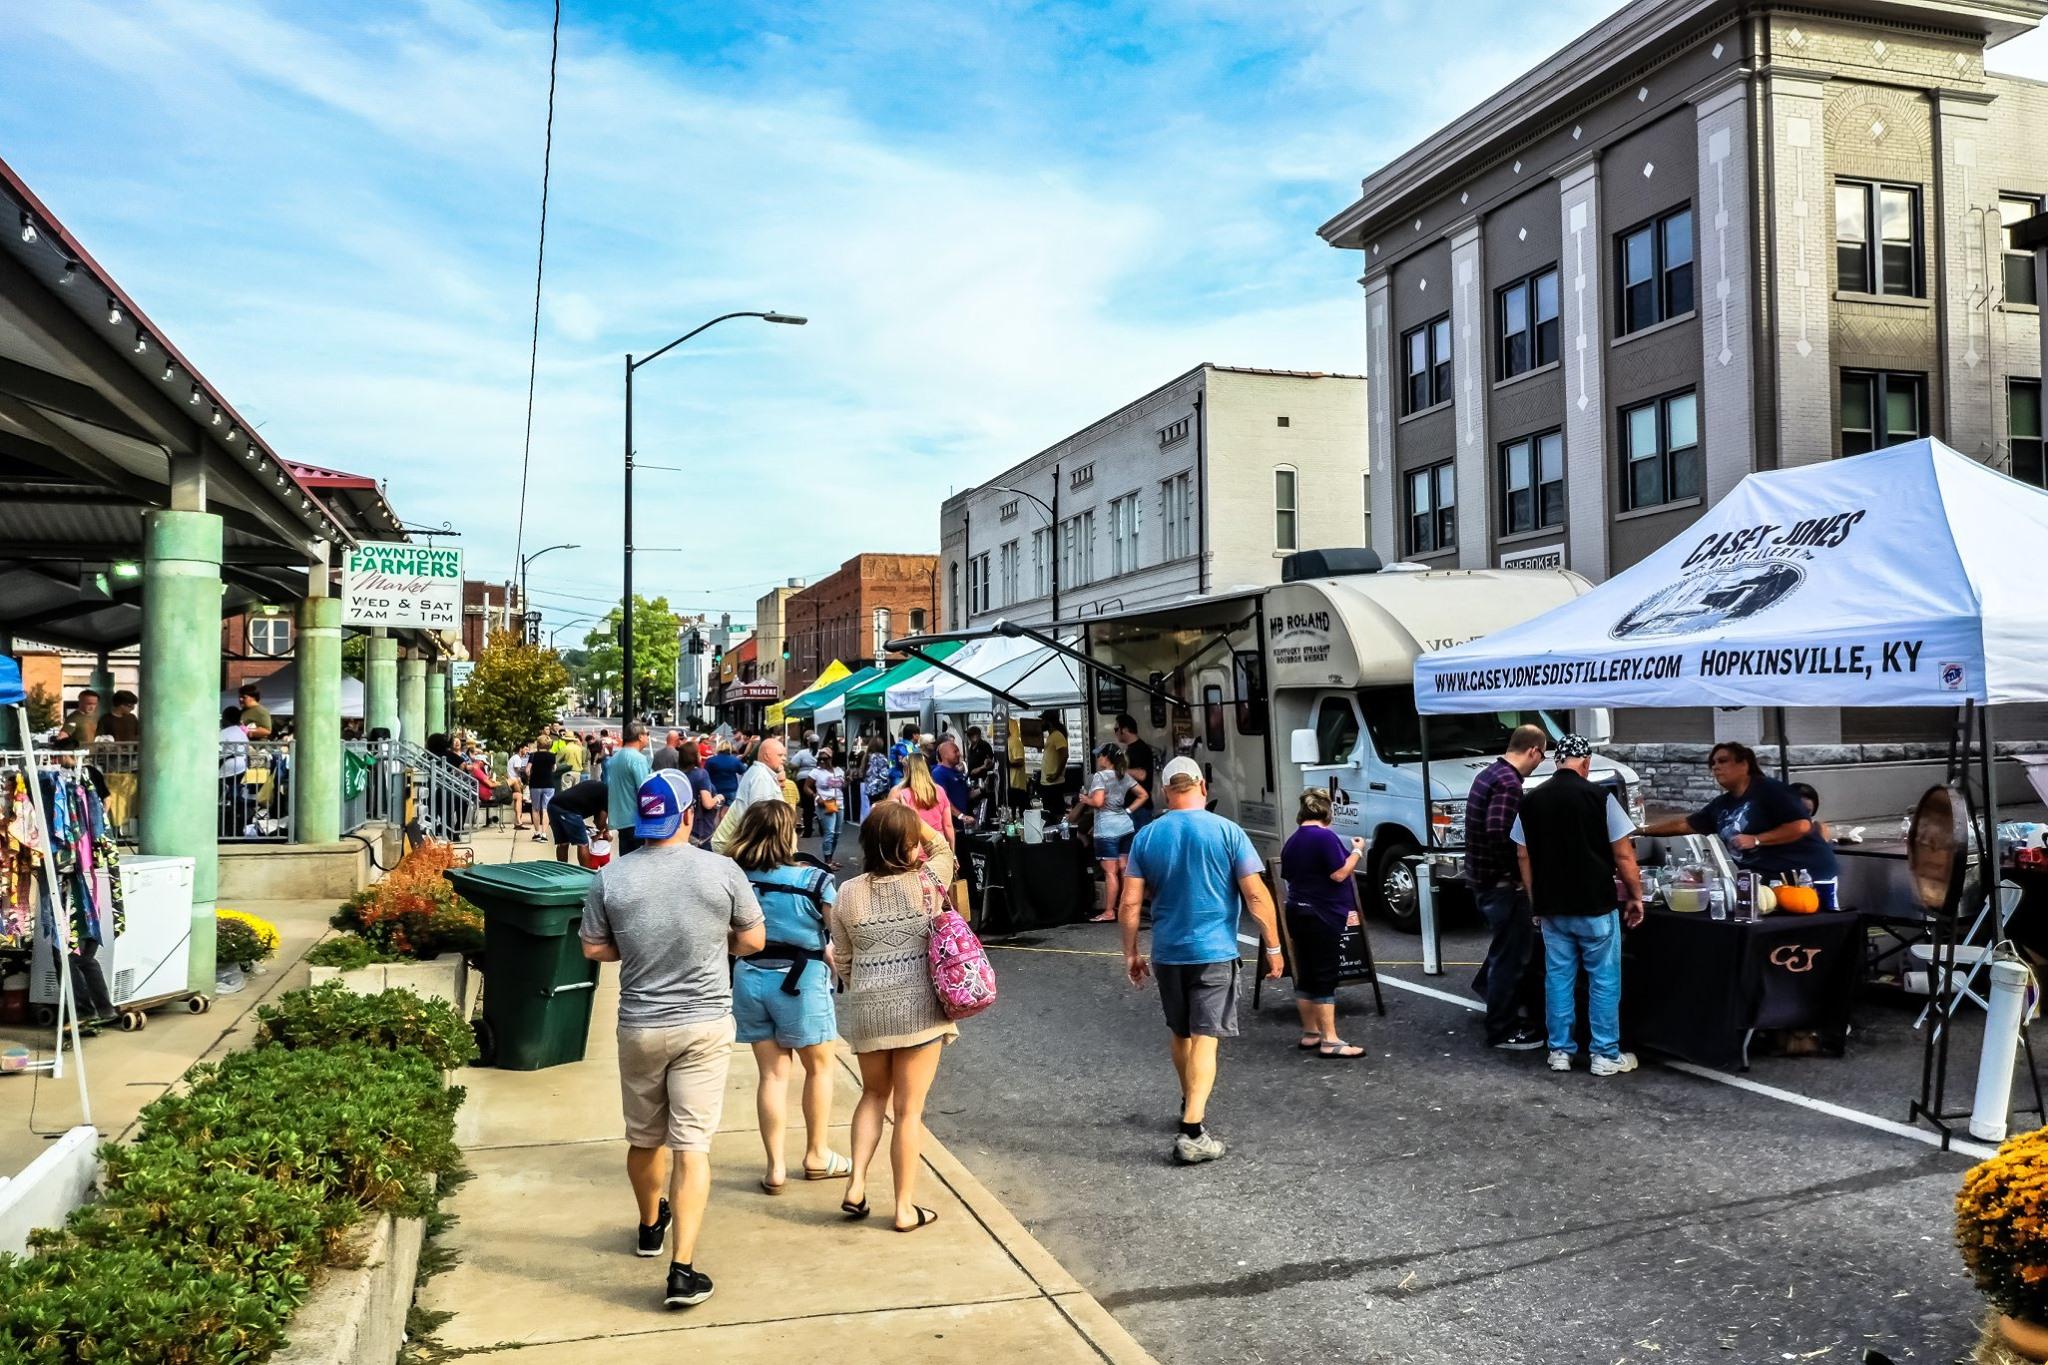 2019 hoptown harvest festival